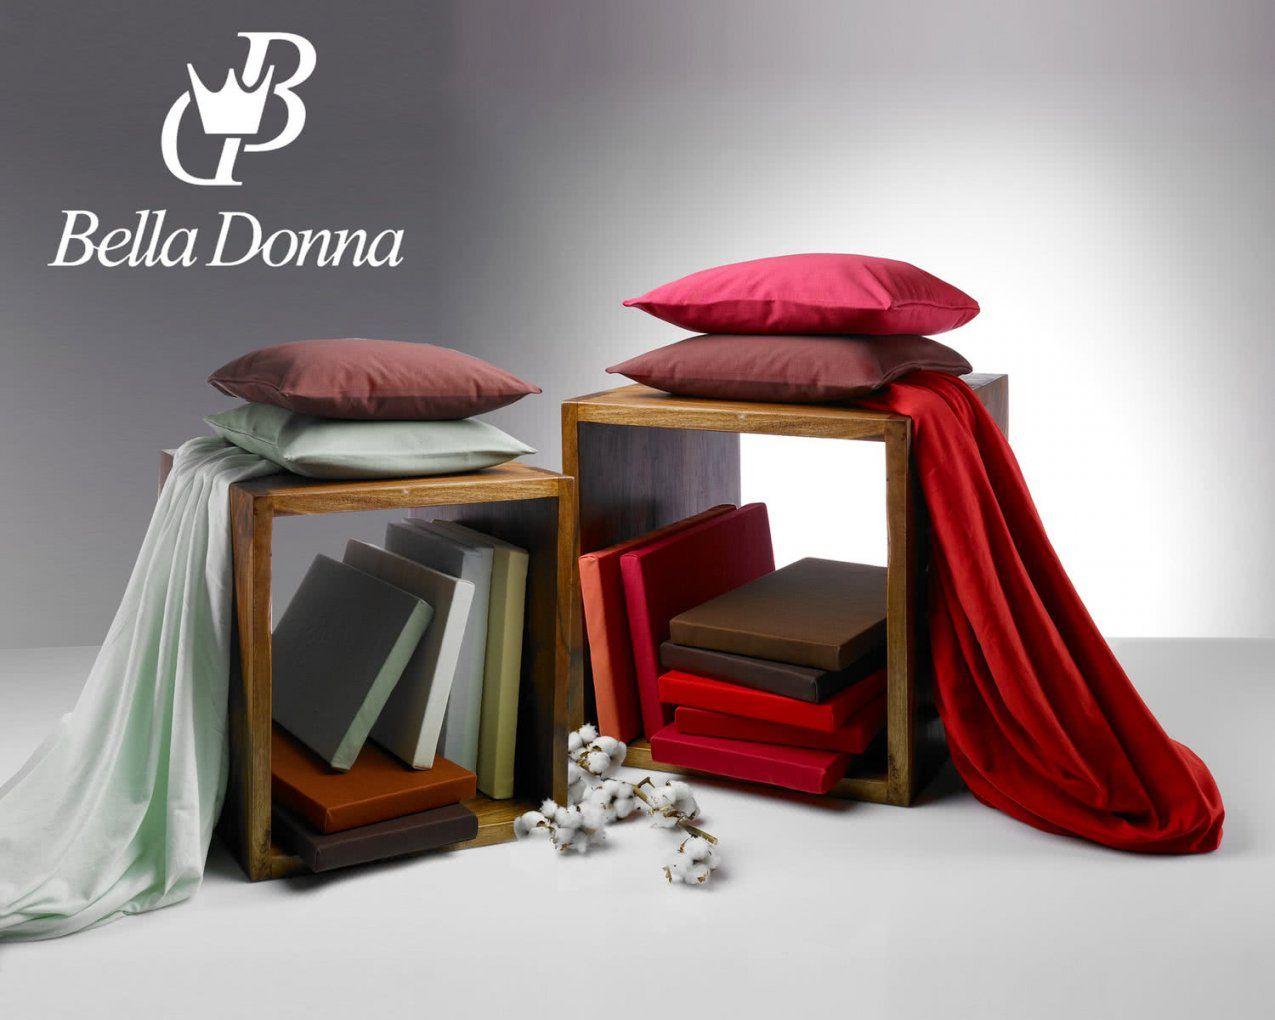 Formesse Spannbetttücher Im Onlineshop • Slewo von Bella Donna Bettlaken Werksverkauf Bild